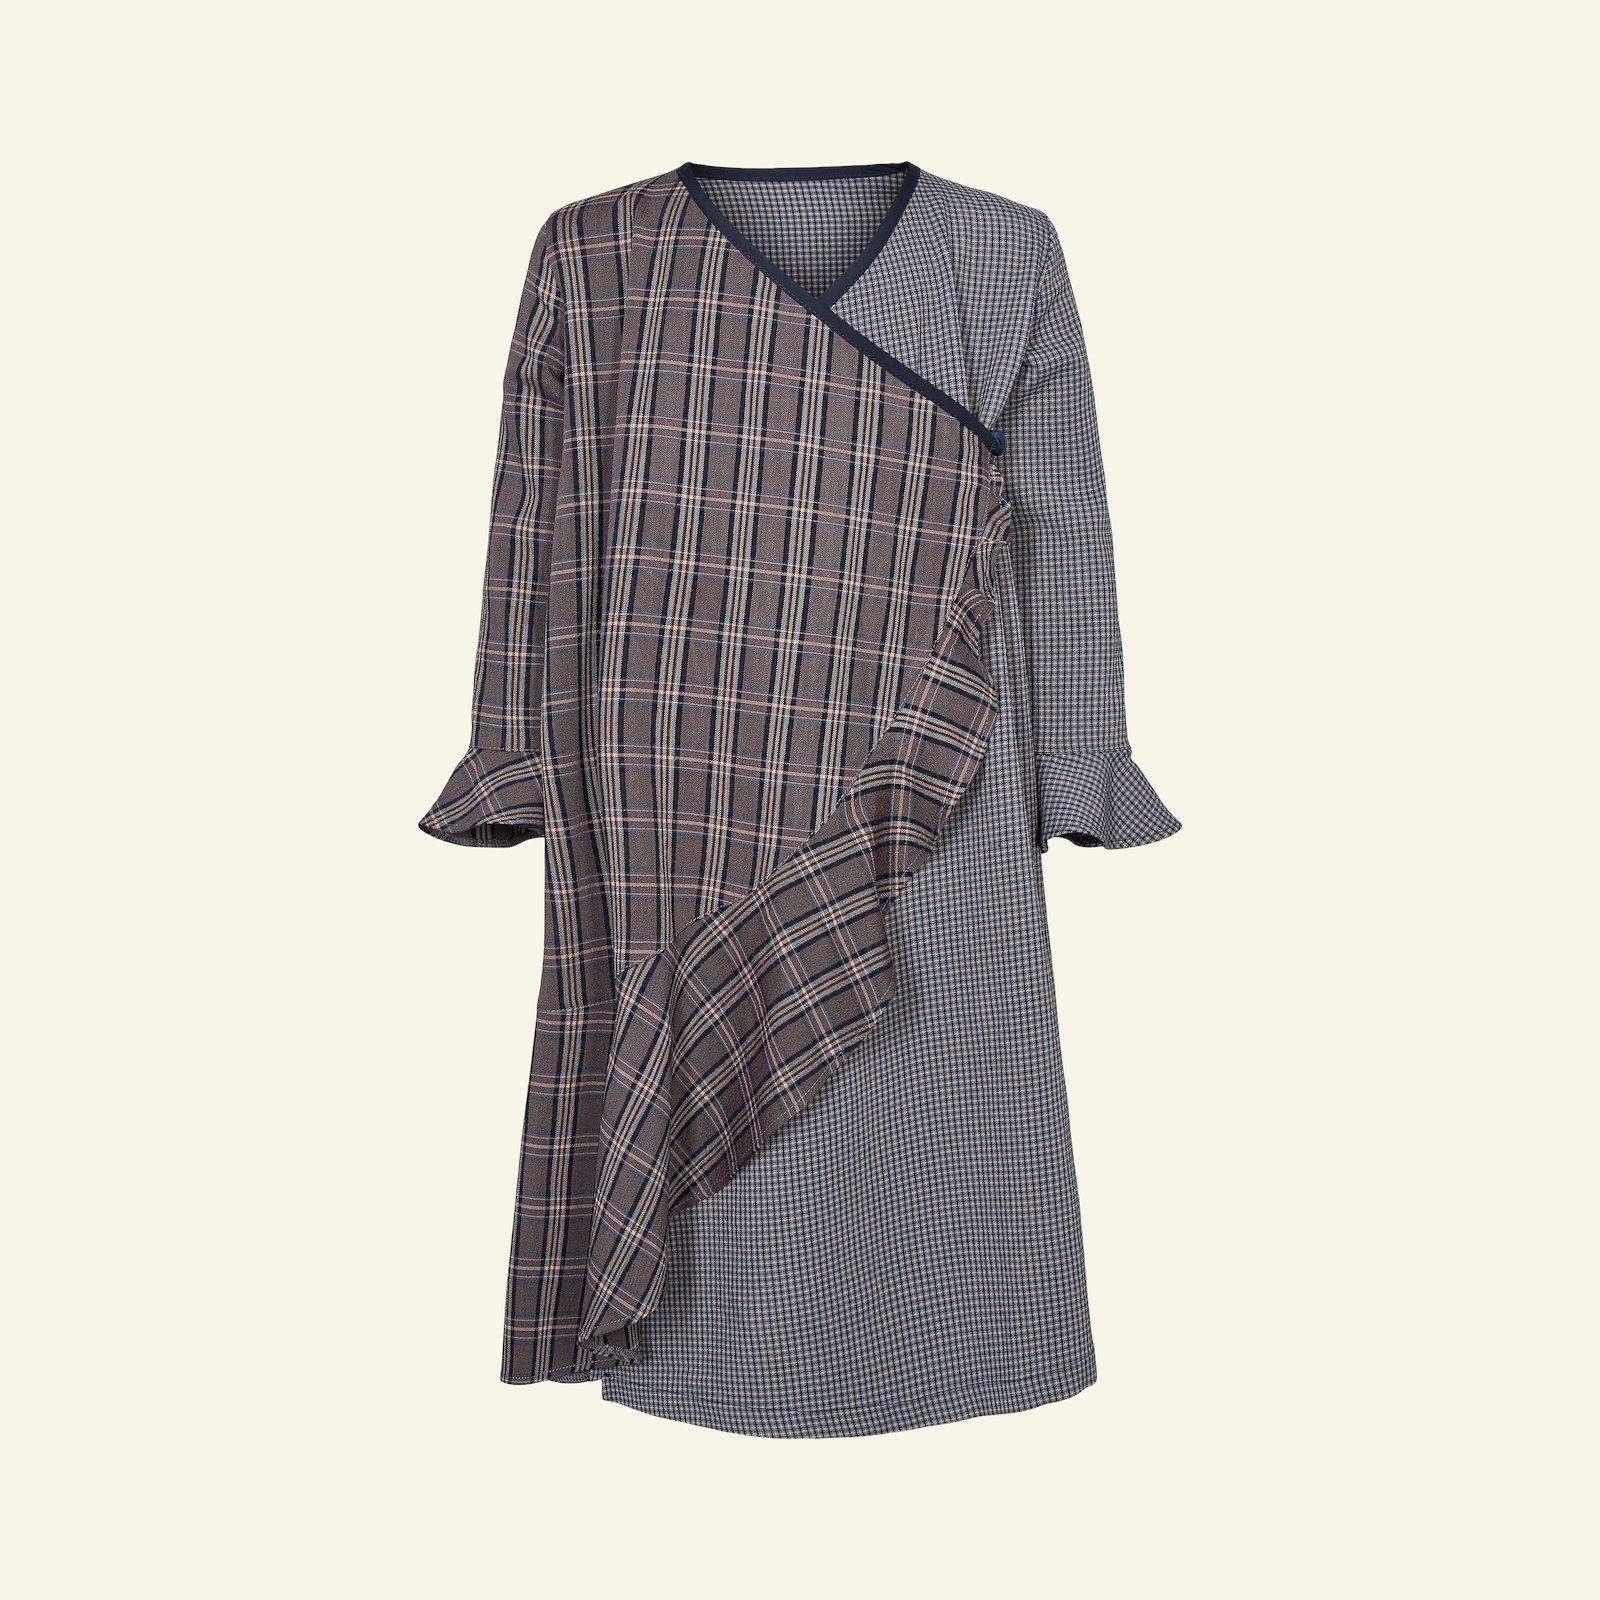 Wrap around dress, 98/3y p63067_300219_300220_64082_33459_sskit